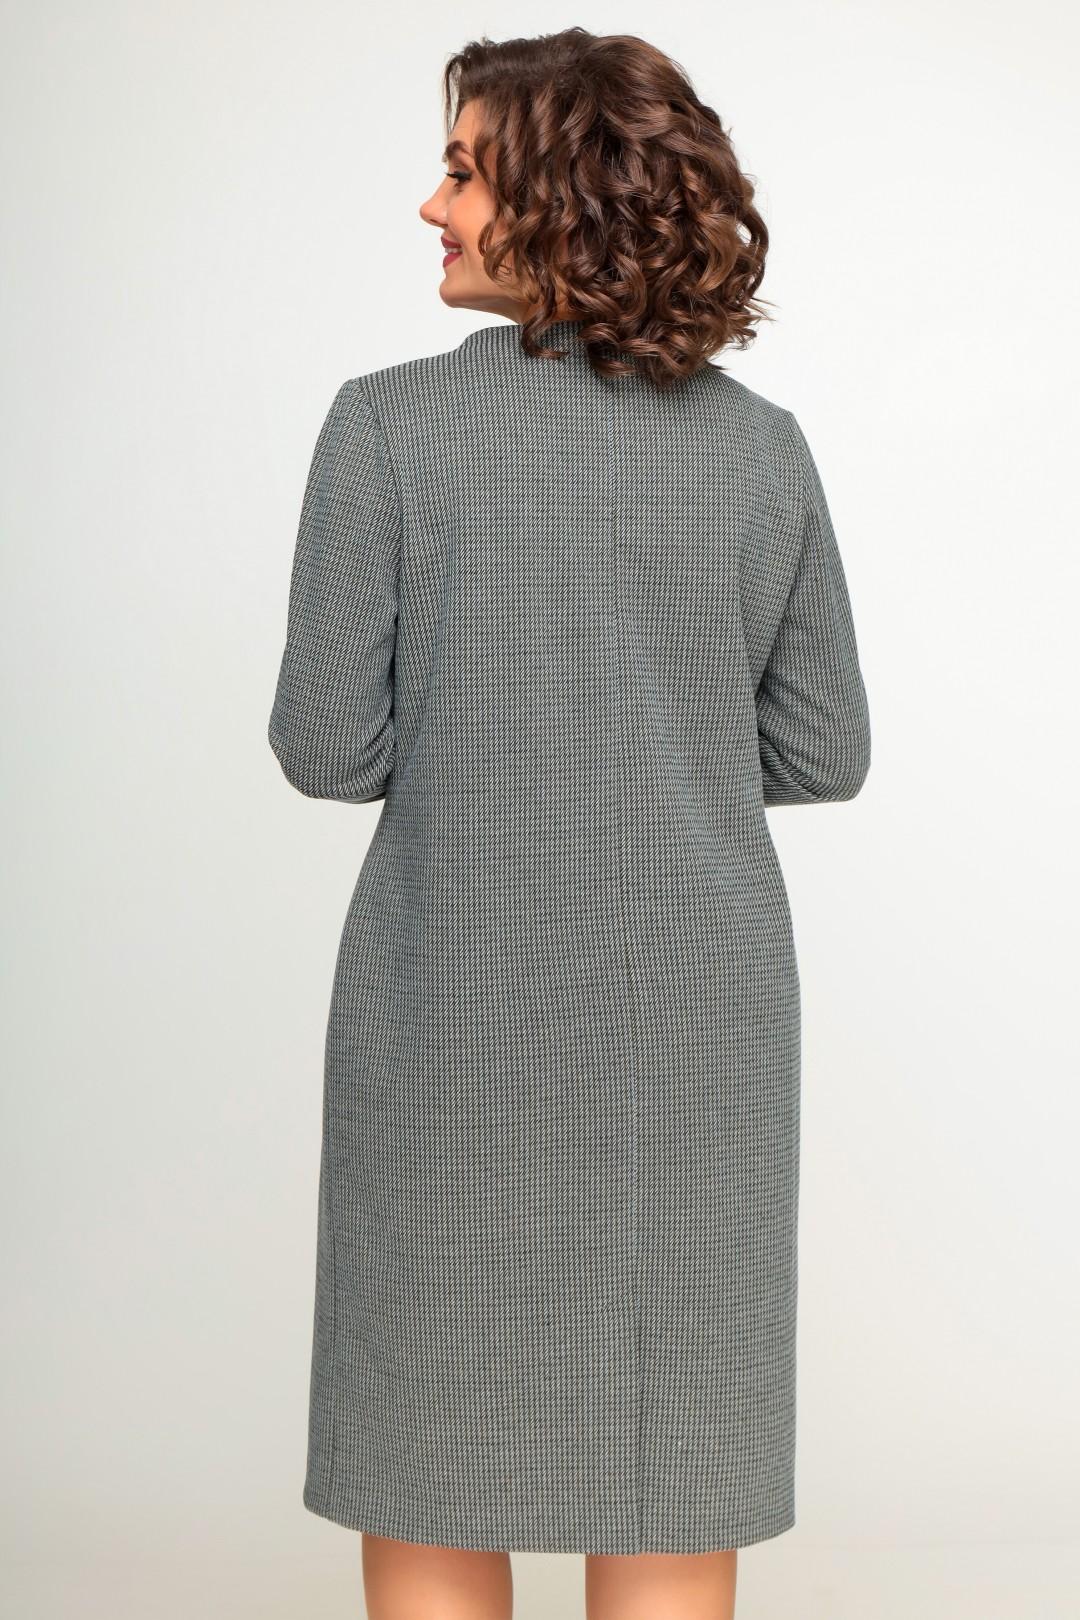 Платье Swallow 411 «серебряный иней»